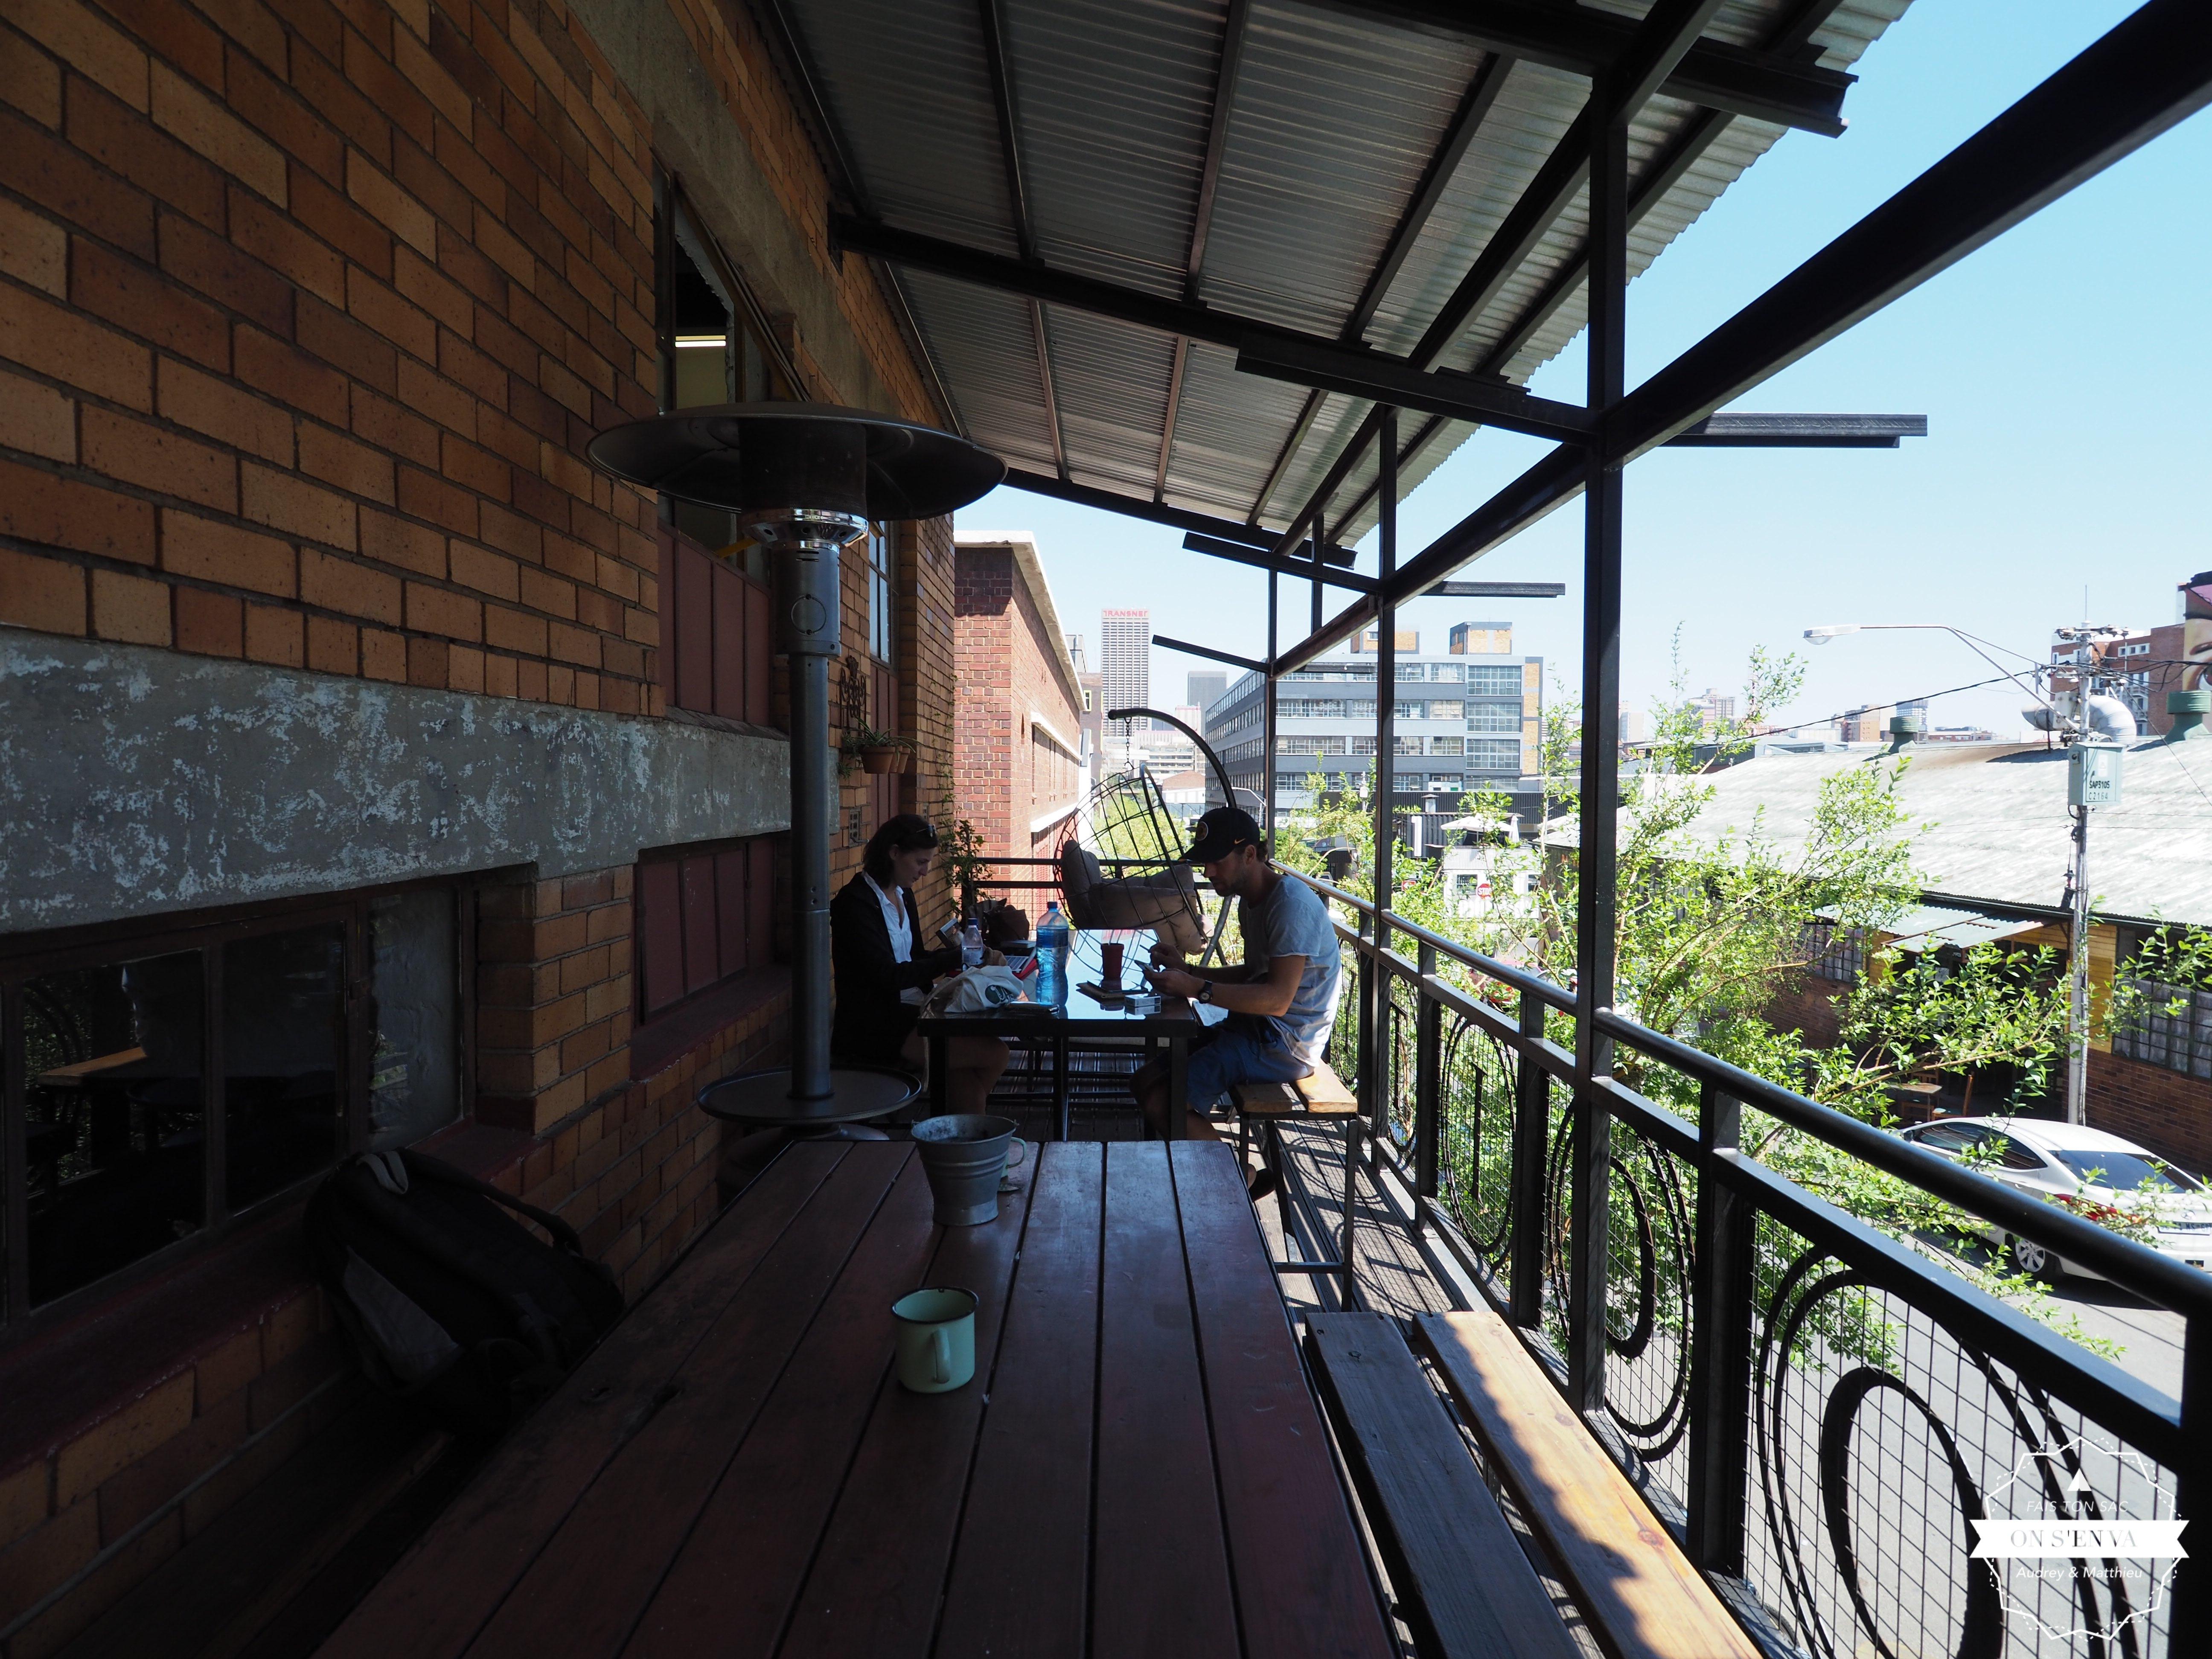 La terrasse de notre hostel